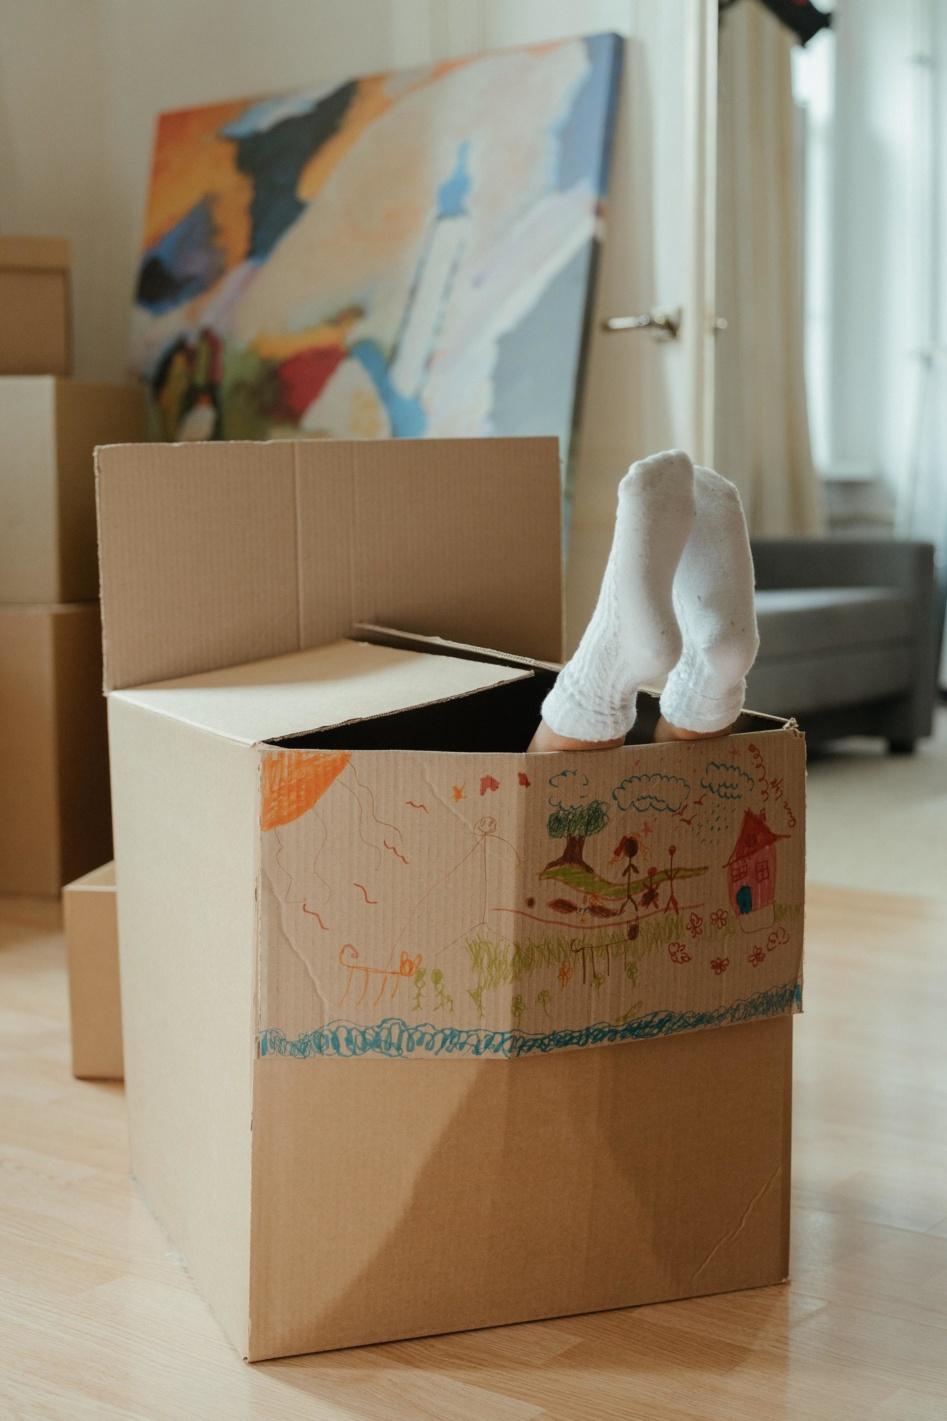 feet in a box